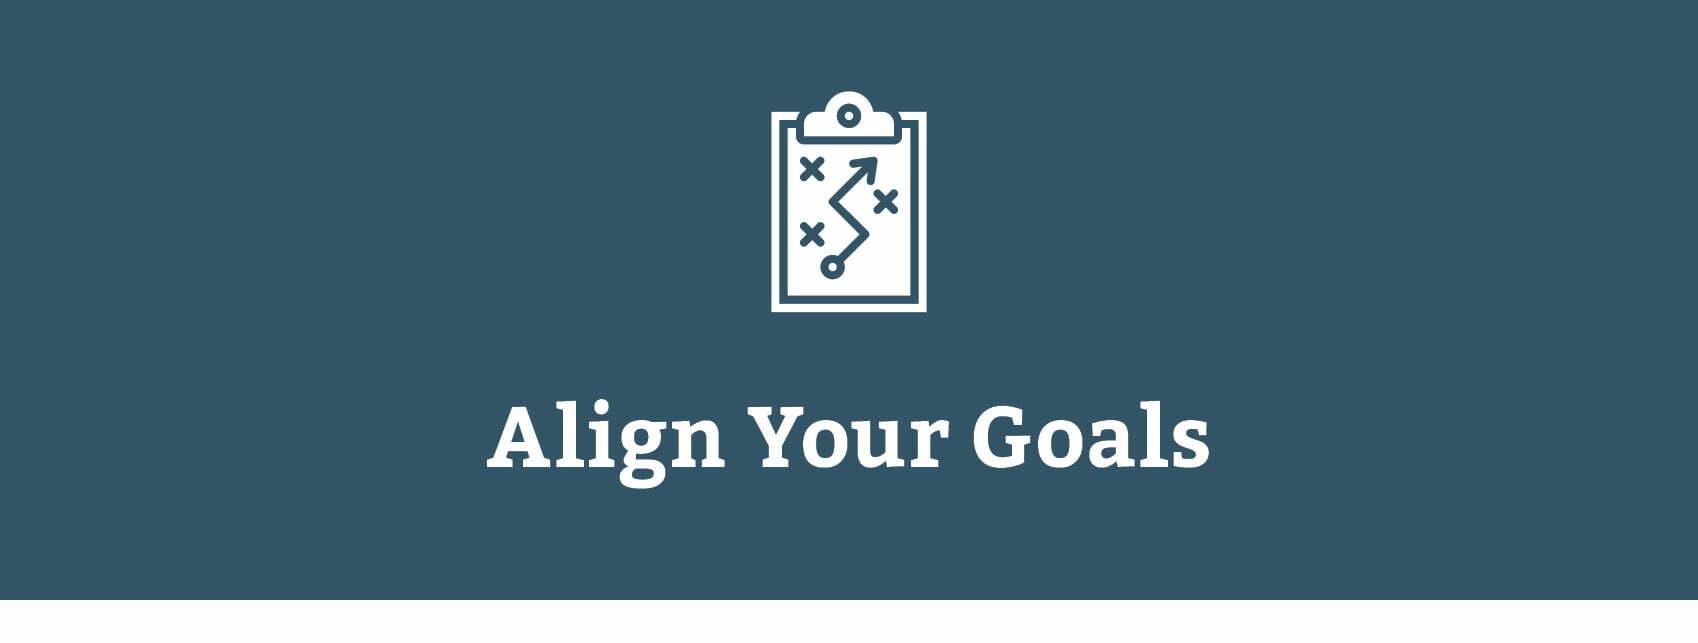 Align Goals